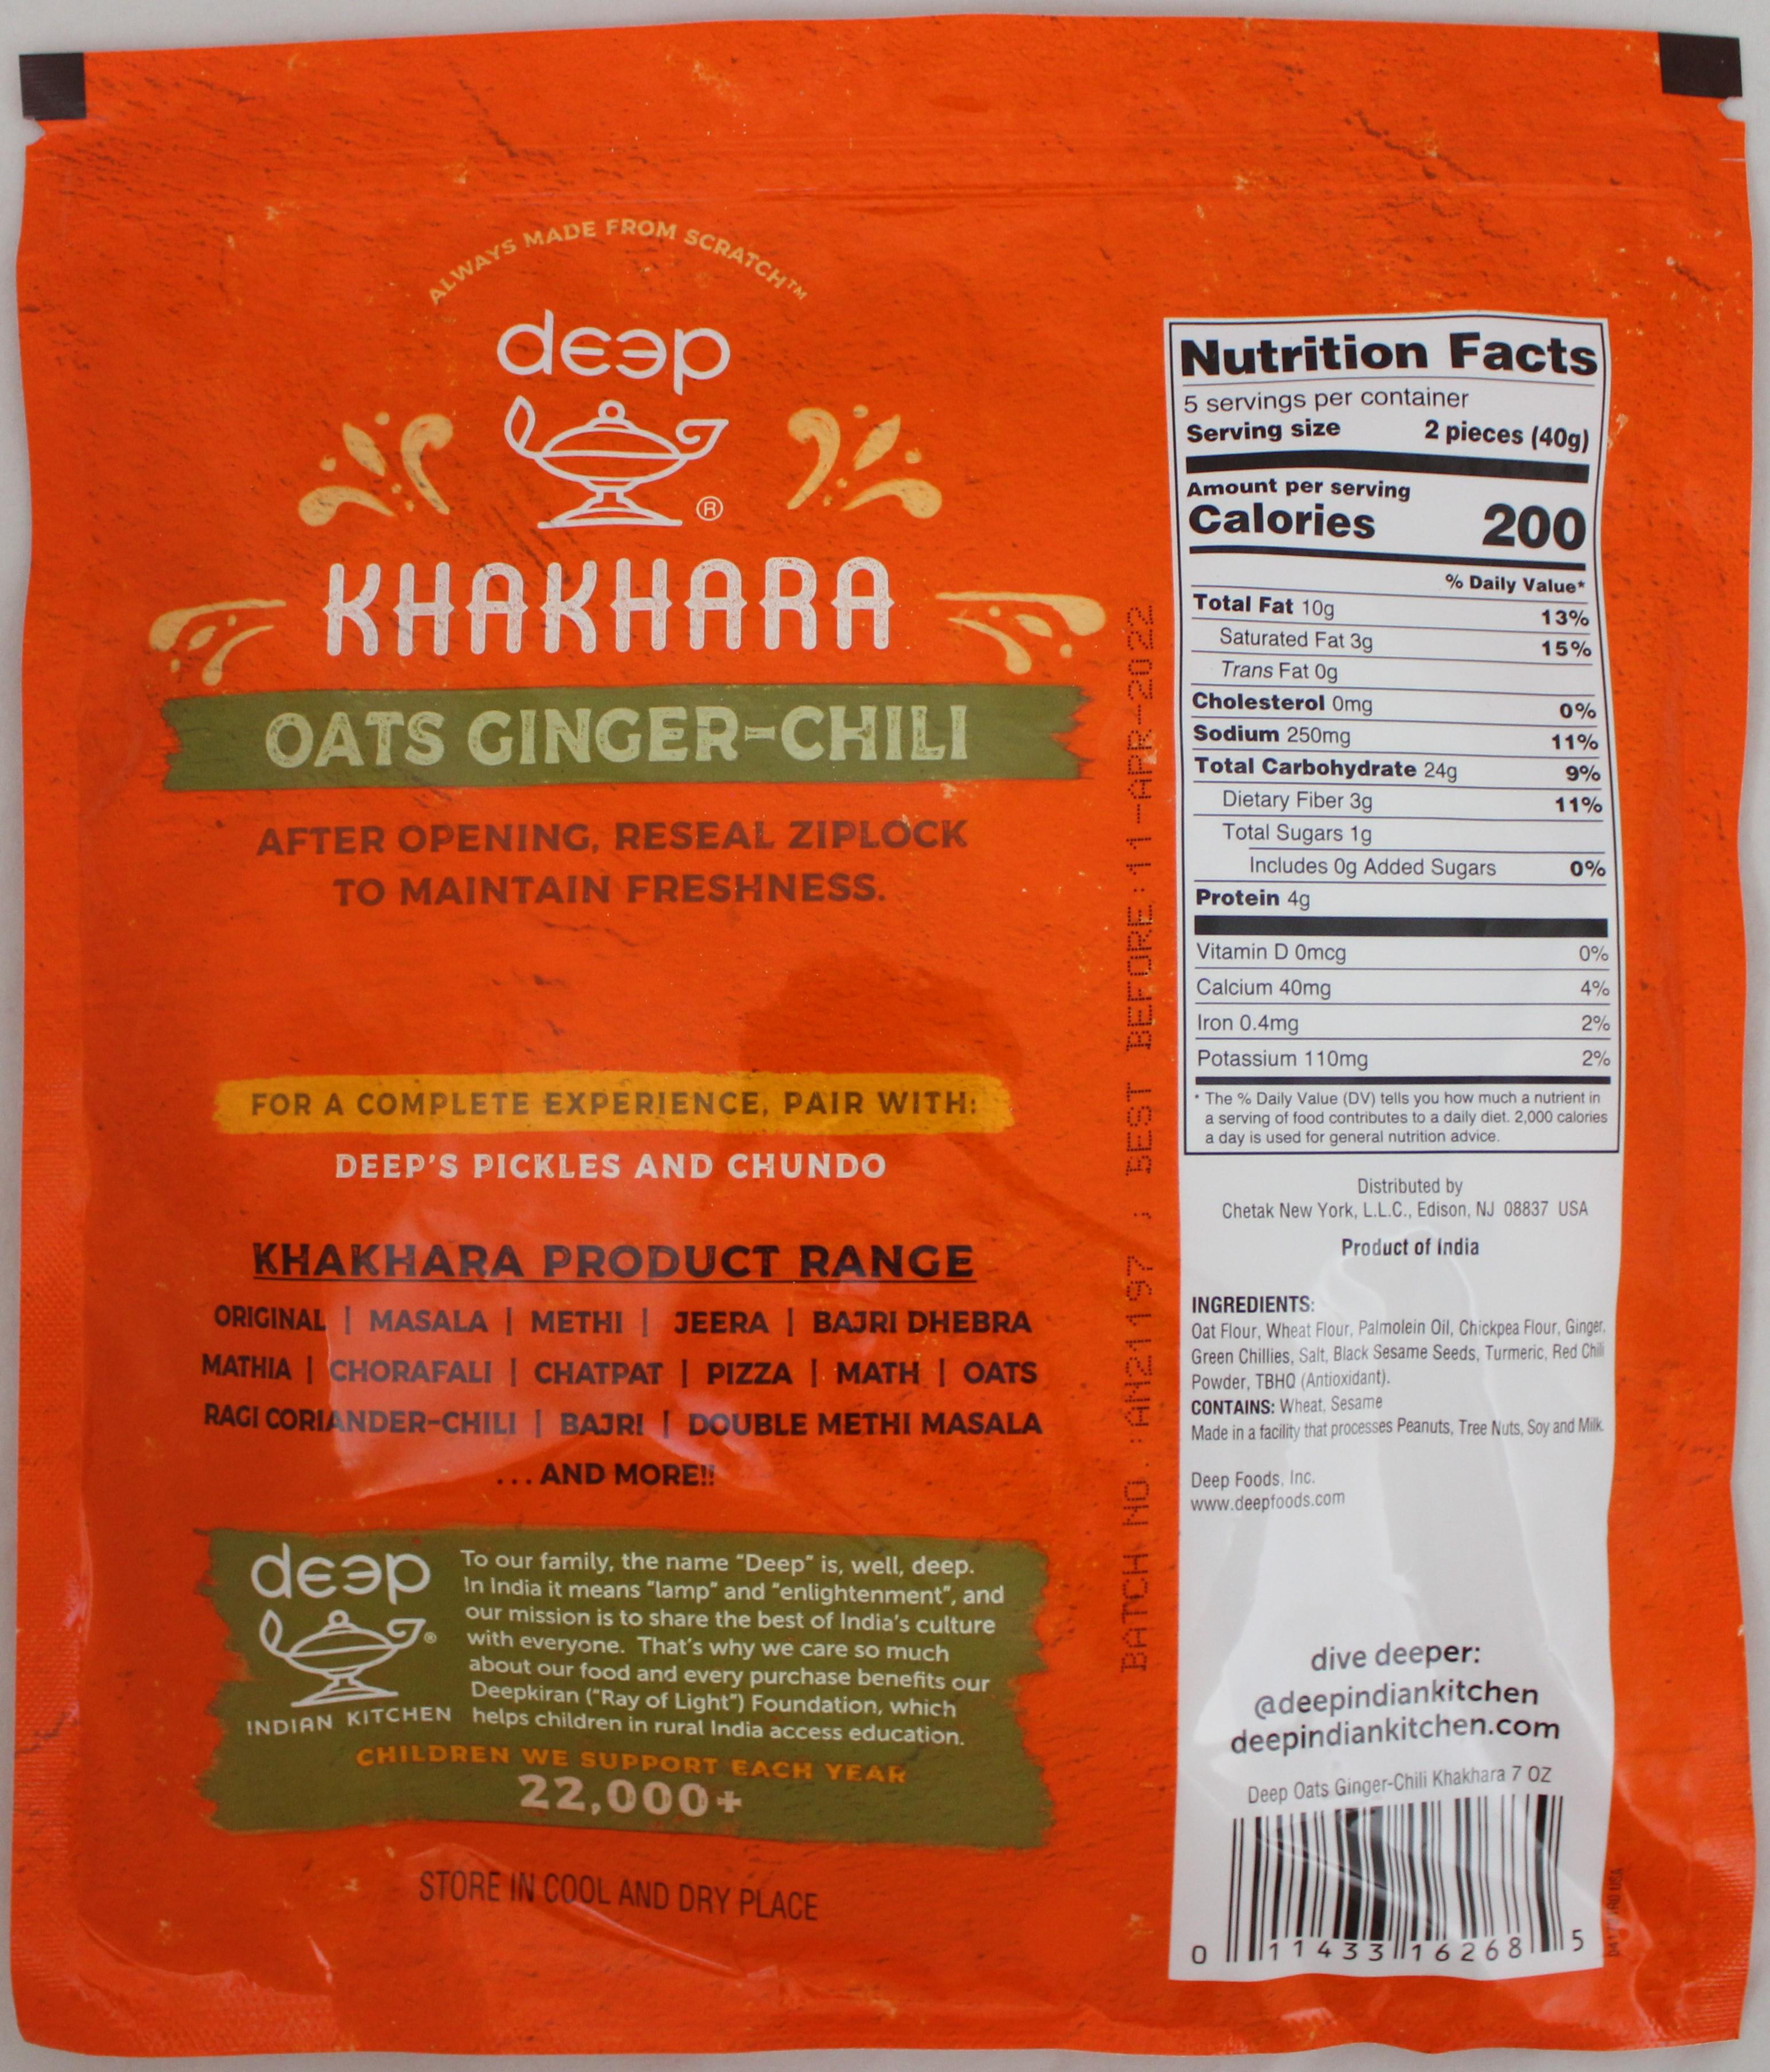 Oats Ginger - Chili Khakhara 7 Oz